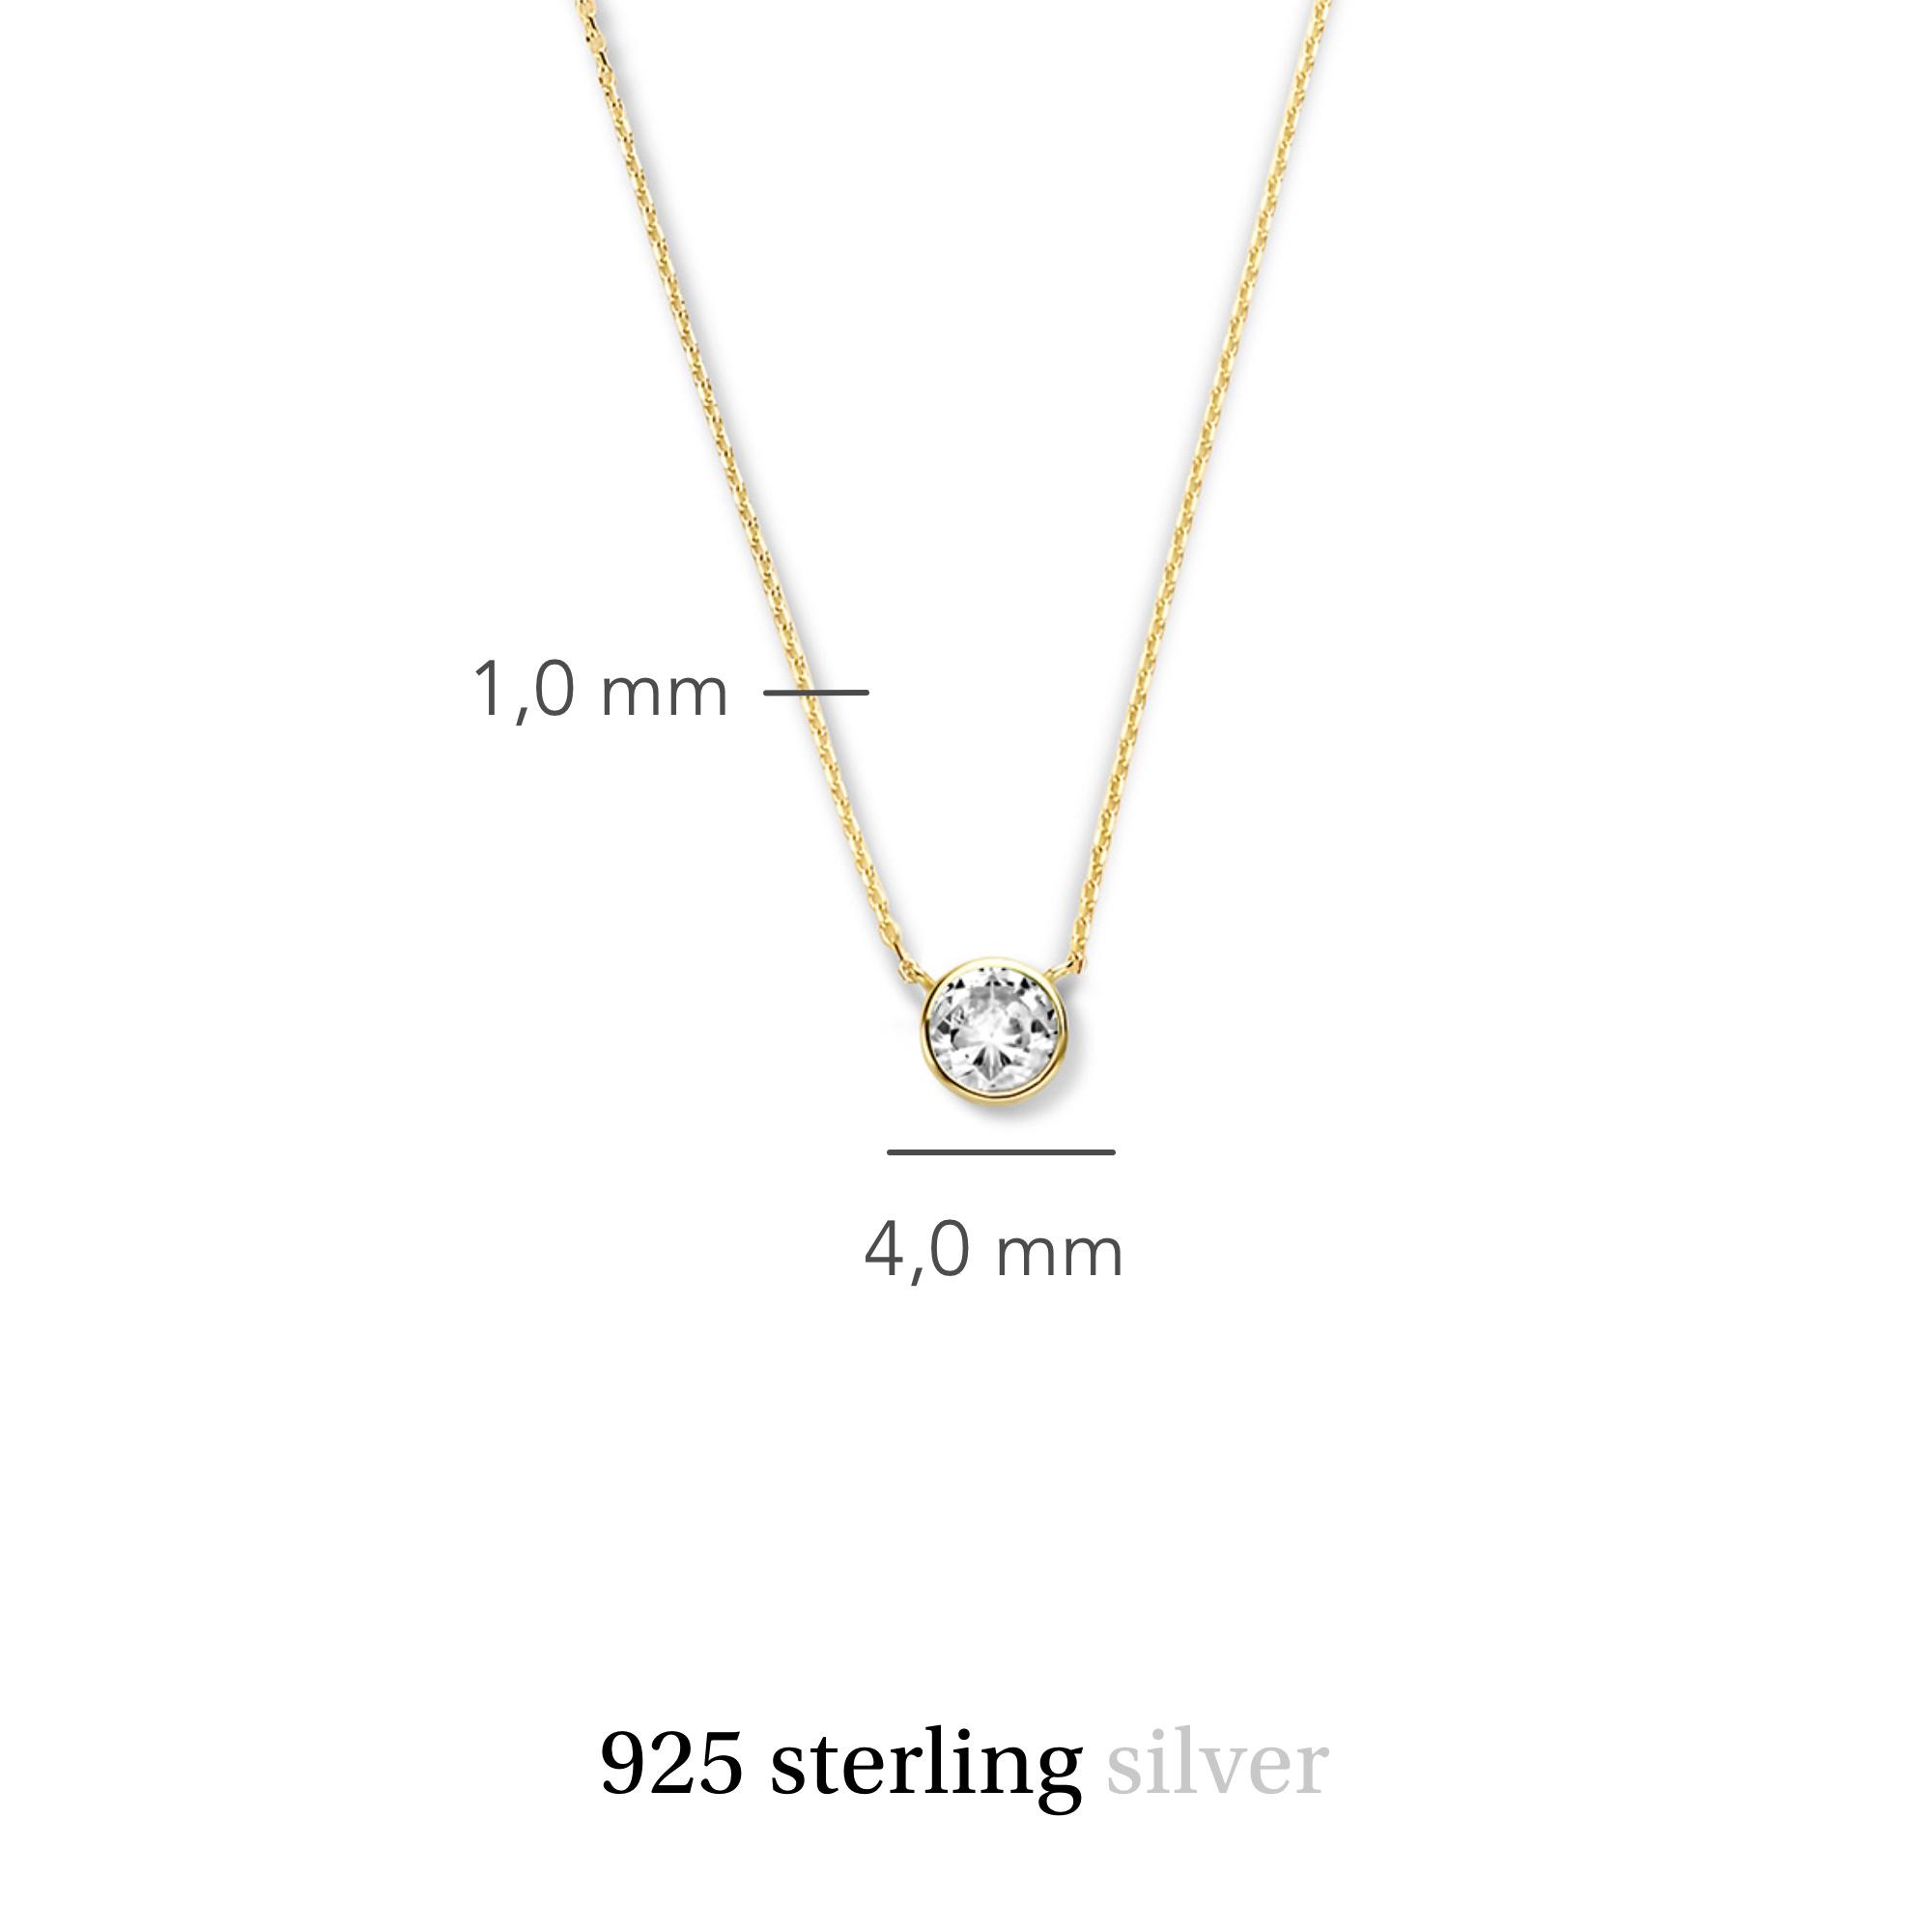 Violet Hamden Venus 925 Sterling Silber goldfarbenes Kette mit Geburtsstein